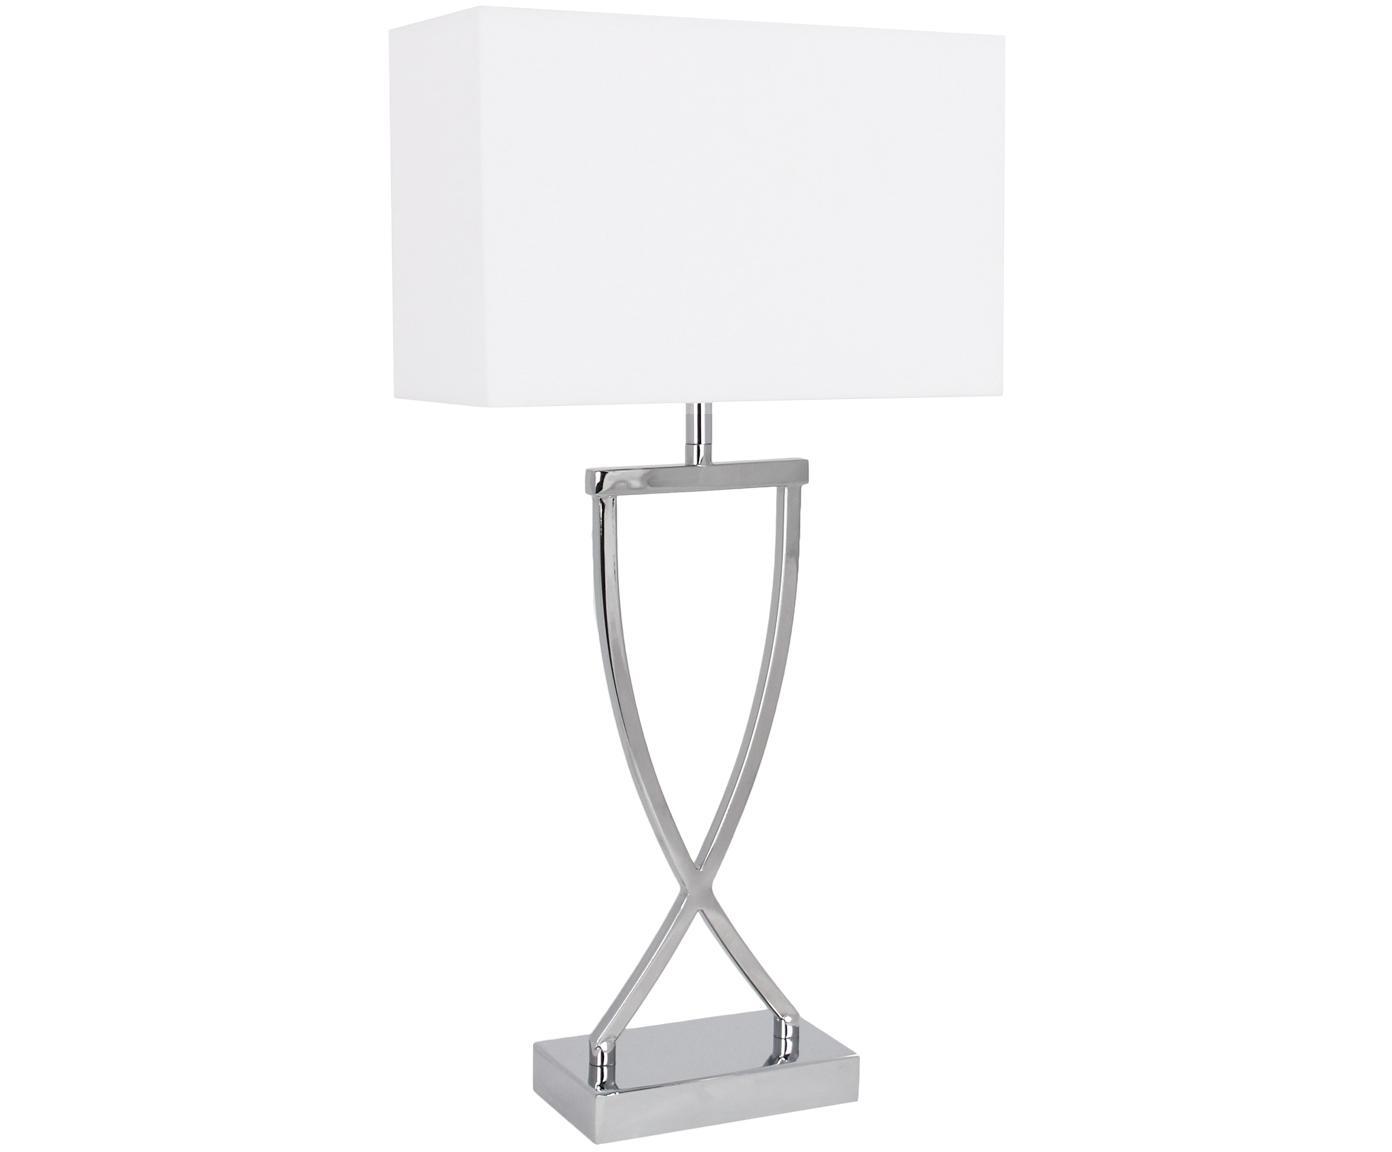 Tischleuchte Vanessa, Lampenfuß: Metall, Lampenschirm: Textil, Lampenfuß: Chrom, Lampenschirm: Weiß, Kabel: Weiß, 27 x 52 cm